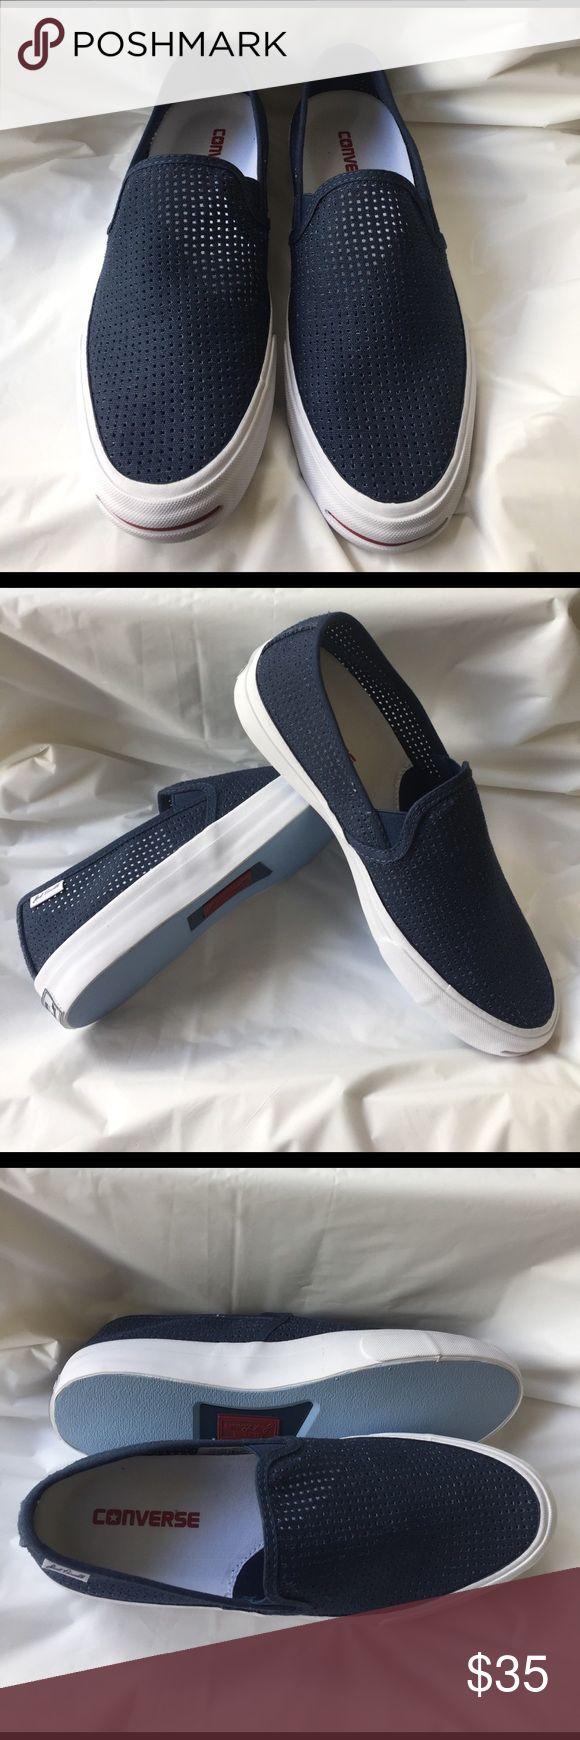 Converse JP II Slip Sneaker Unisex Unisex slip on. Diamond cut pattern in upper canvas. Color: Navy/Garnet/White. Men's Size: 8 Women's Size: 9.5  Sneaker is new, never worn Converse Shoes Sneakers